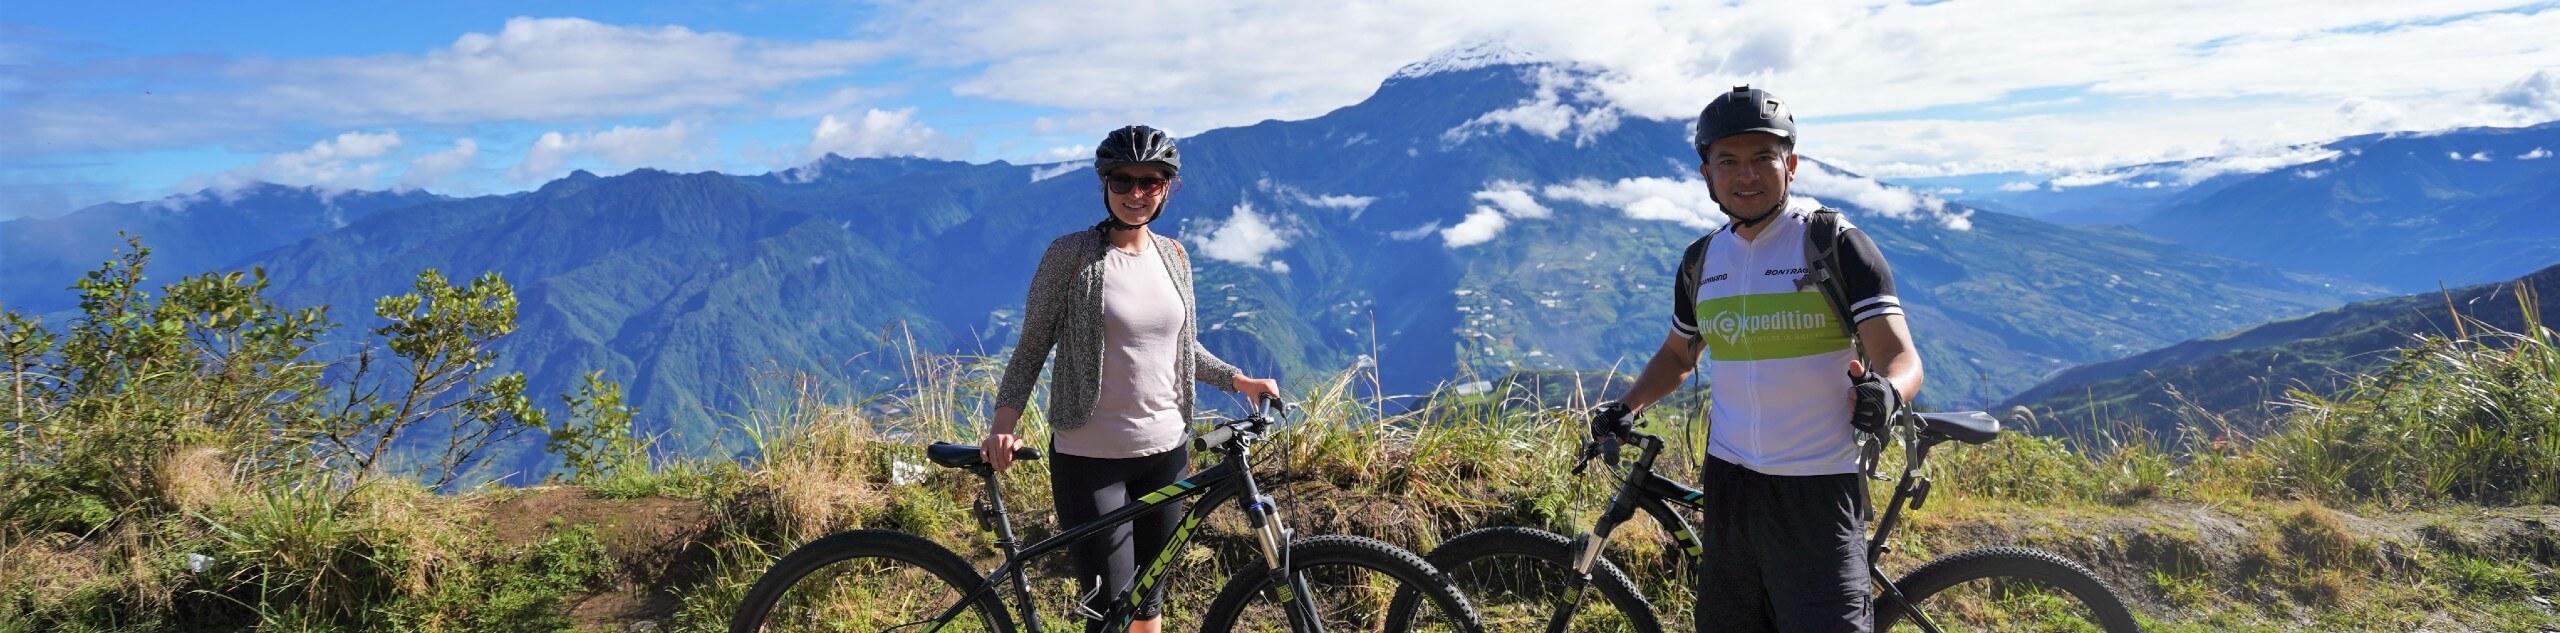 Amazing biking tour through the Ecuador Rainforest